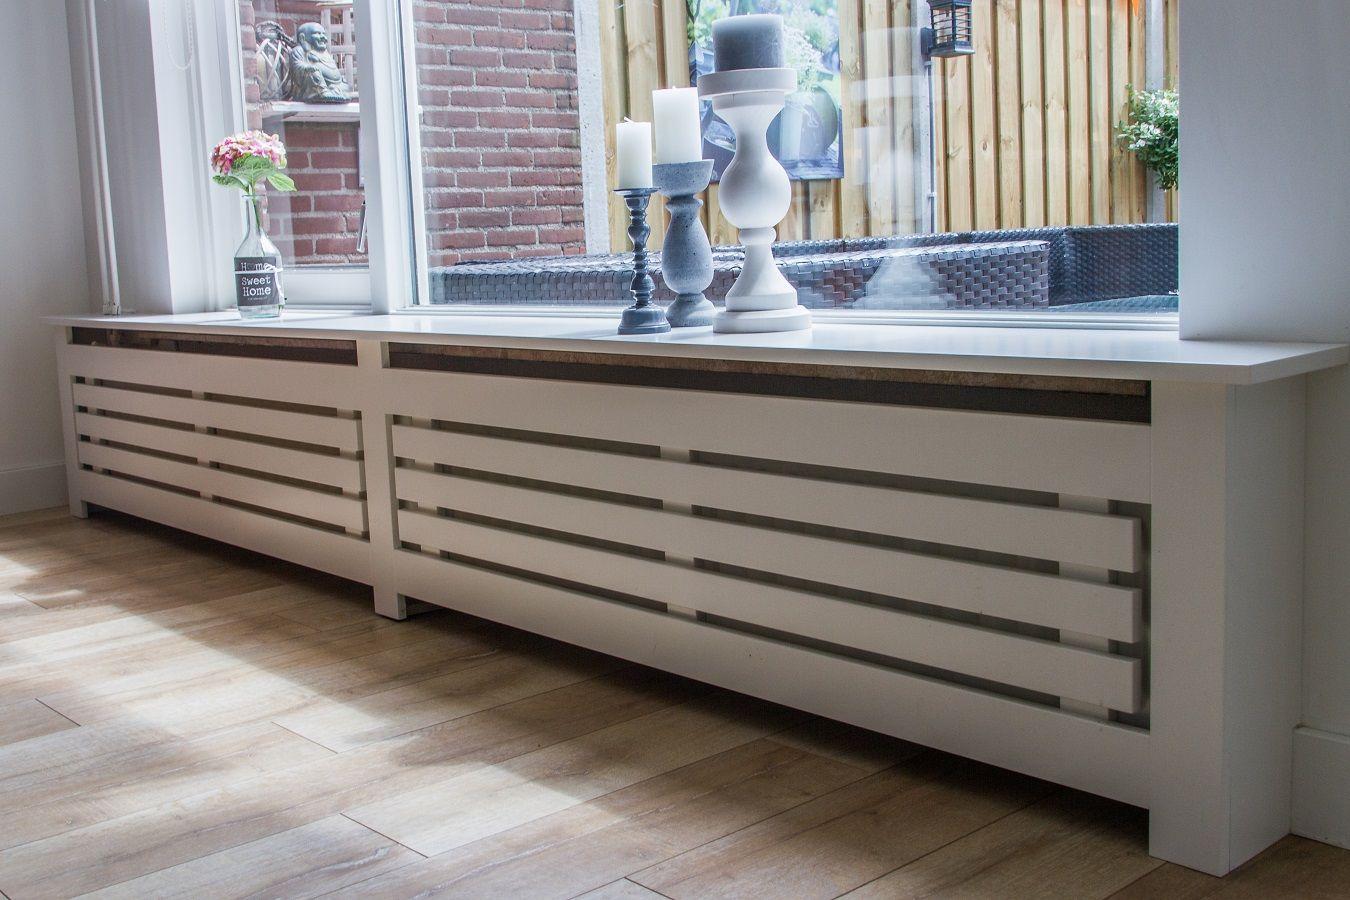 radiatorombouw mooi voor onze woonkamer !!! | vensterbank idee ...